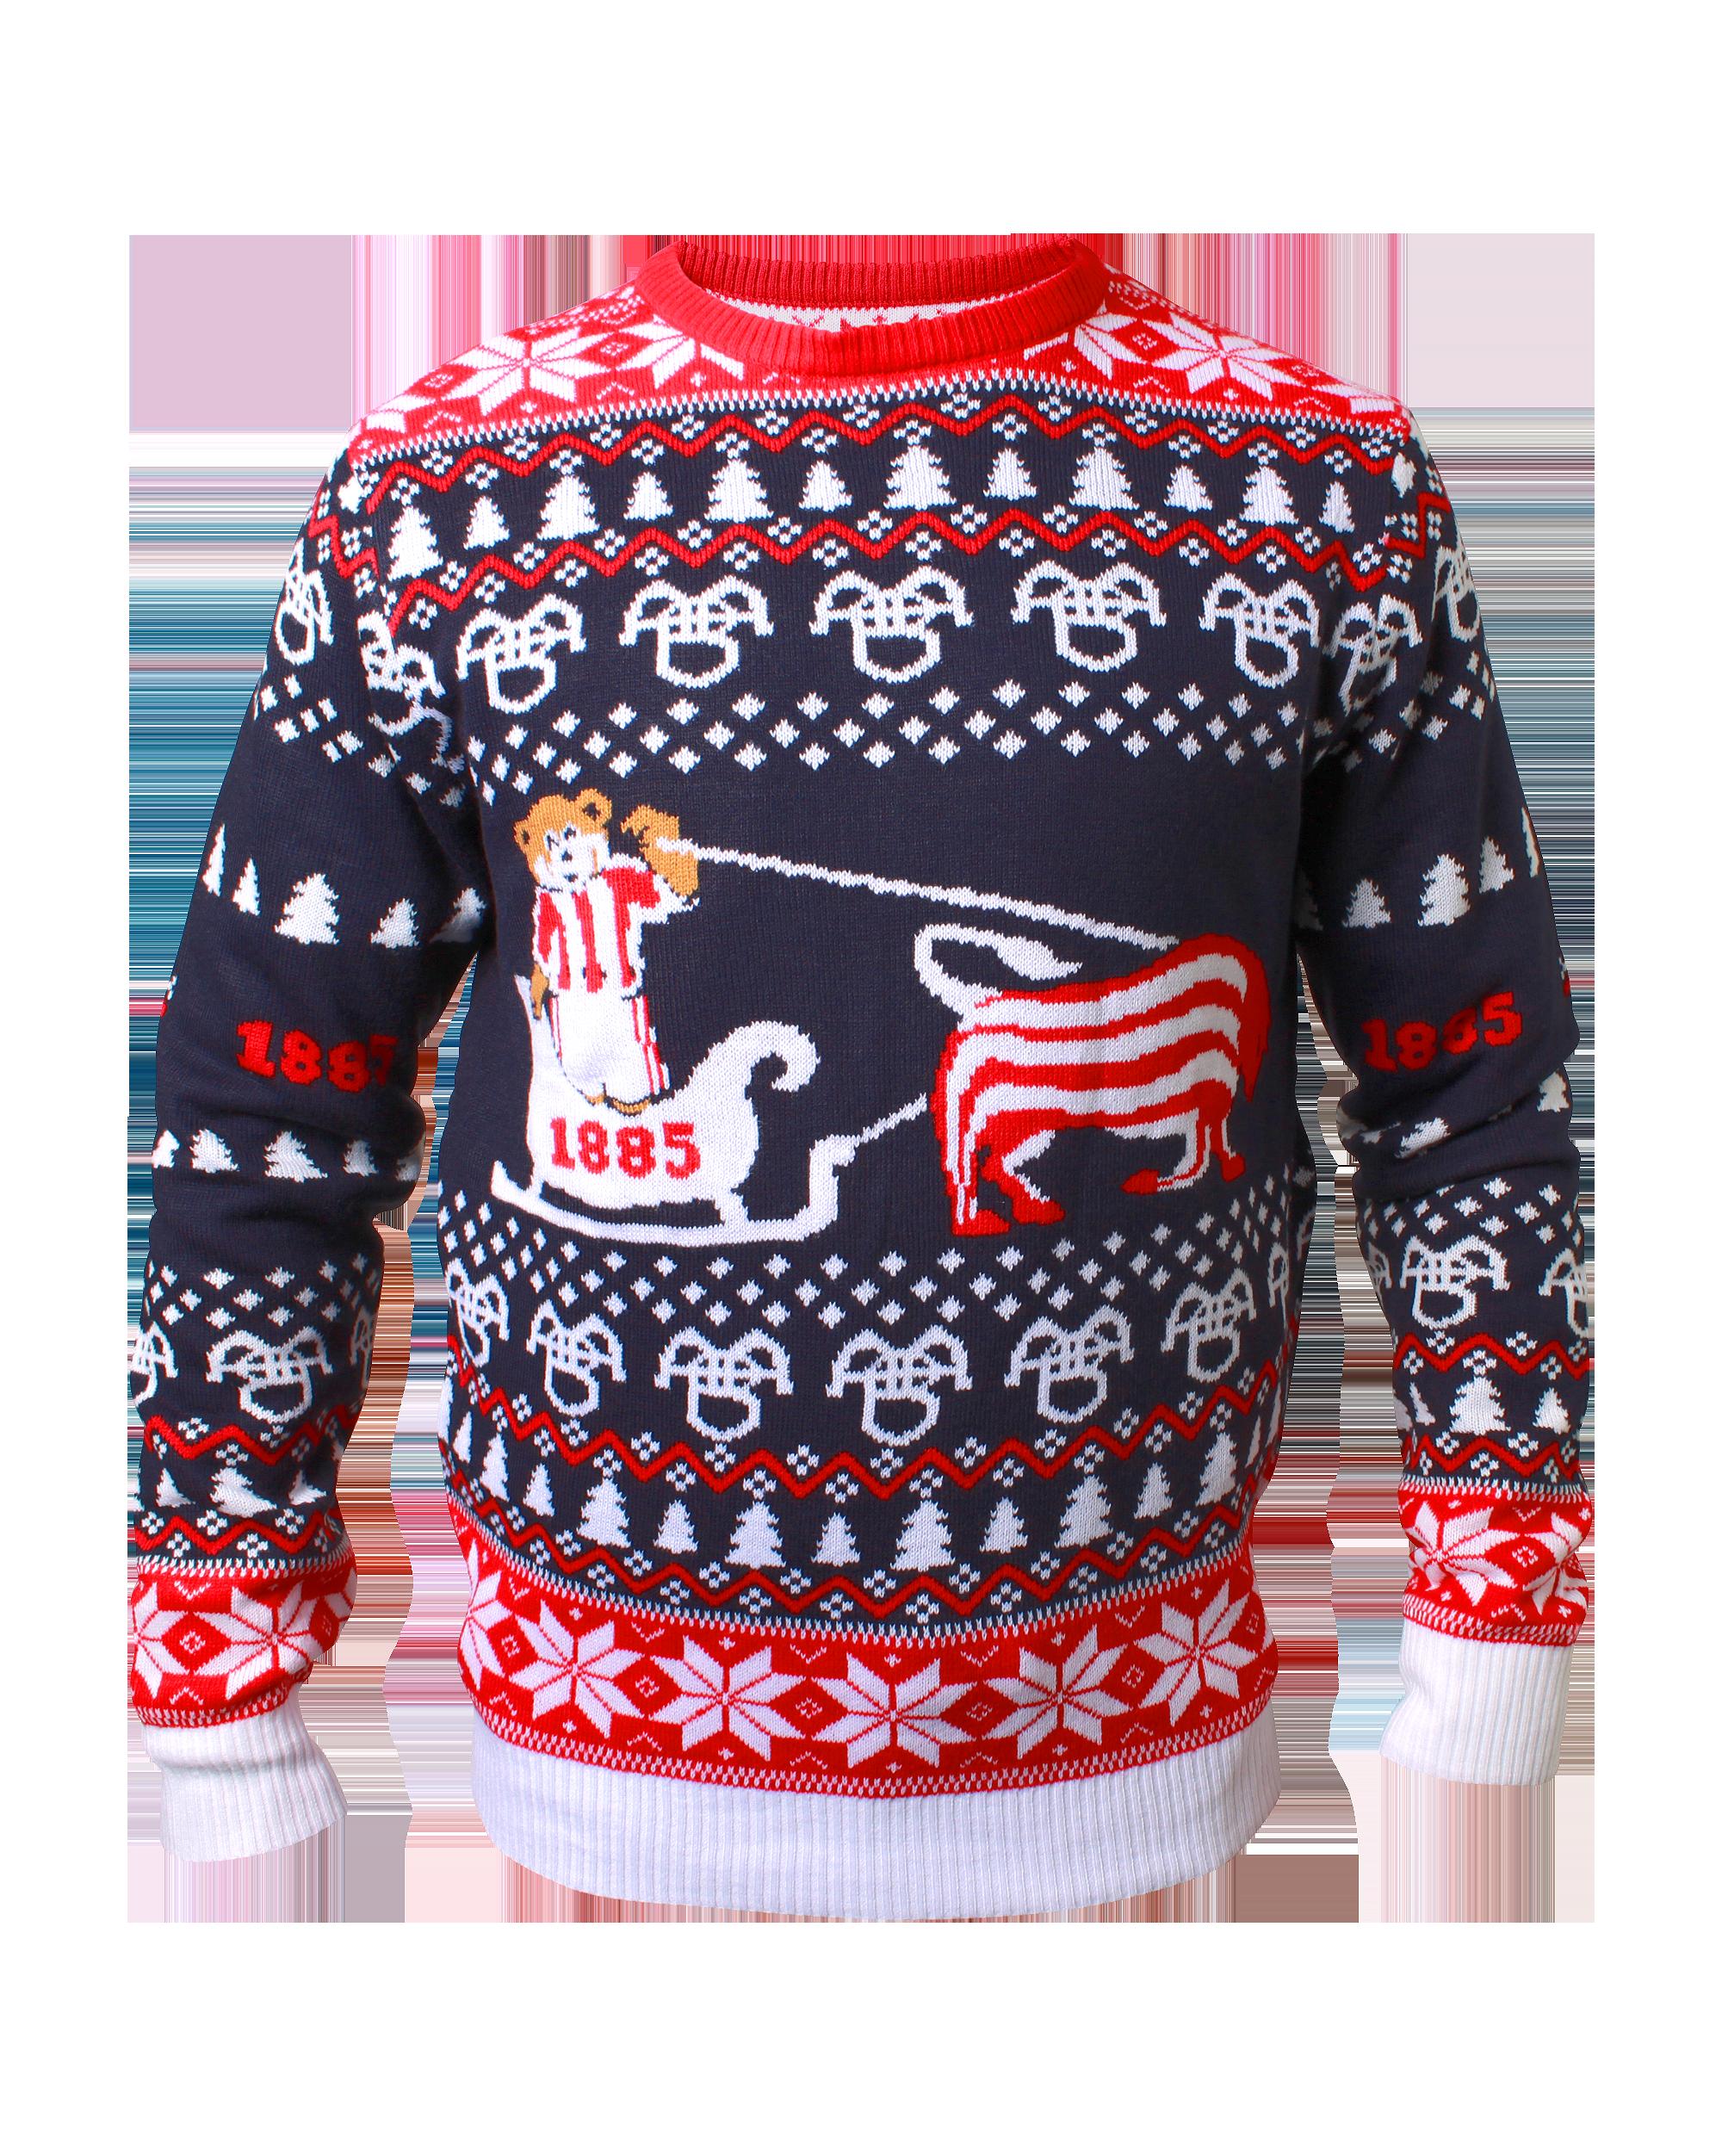 Sådan ser den populære AaB-julesweater ud. PR Foto